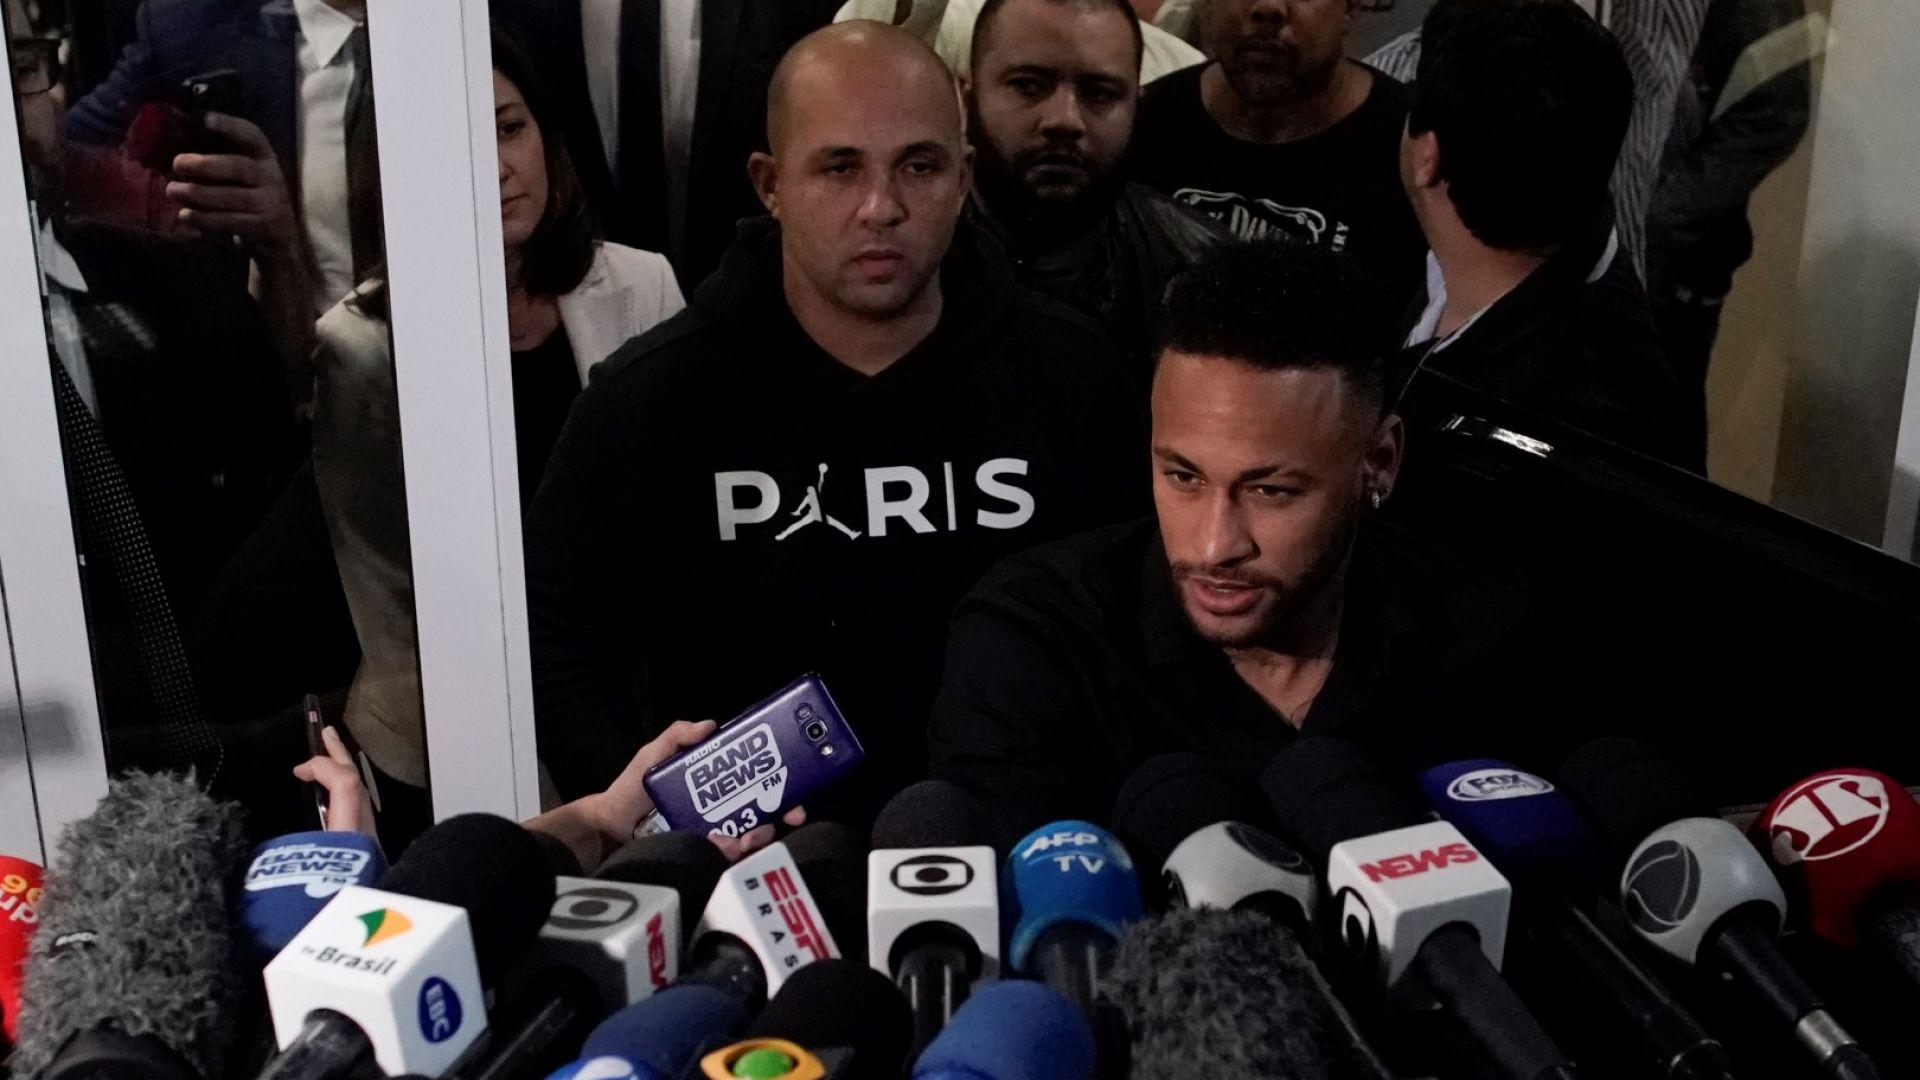 Неймар се яви в полицията и даде показания за изнасилването